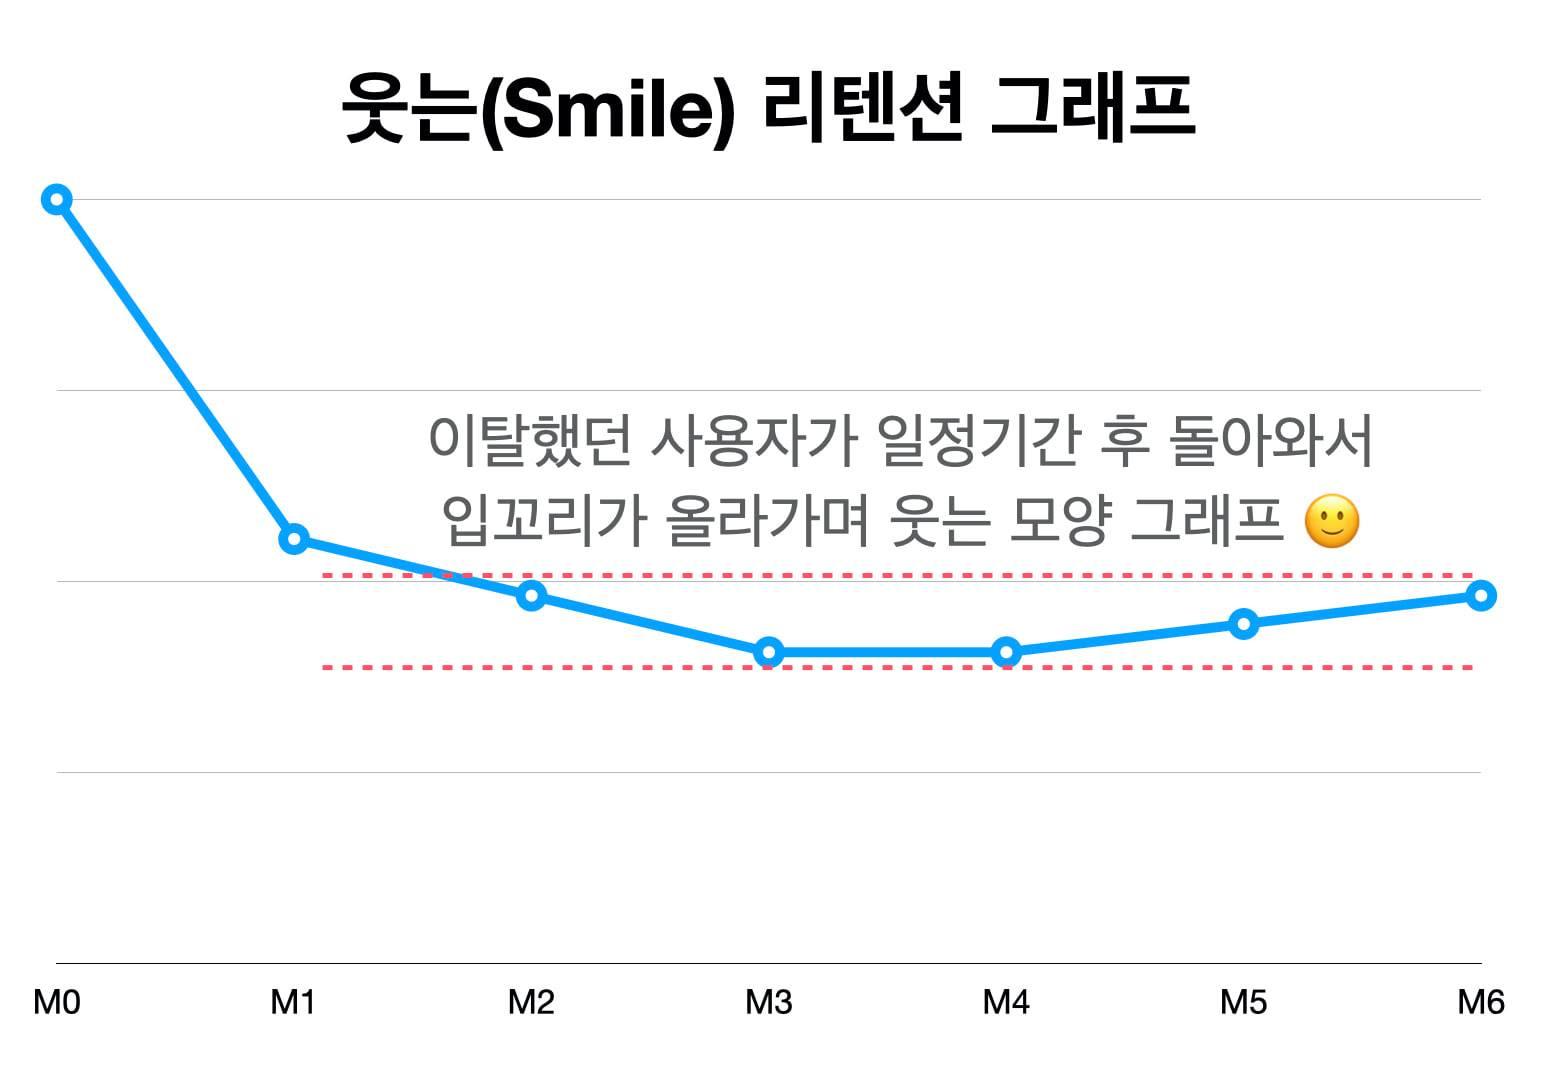 Smile Retention Graph